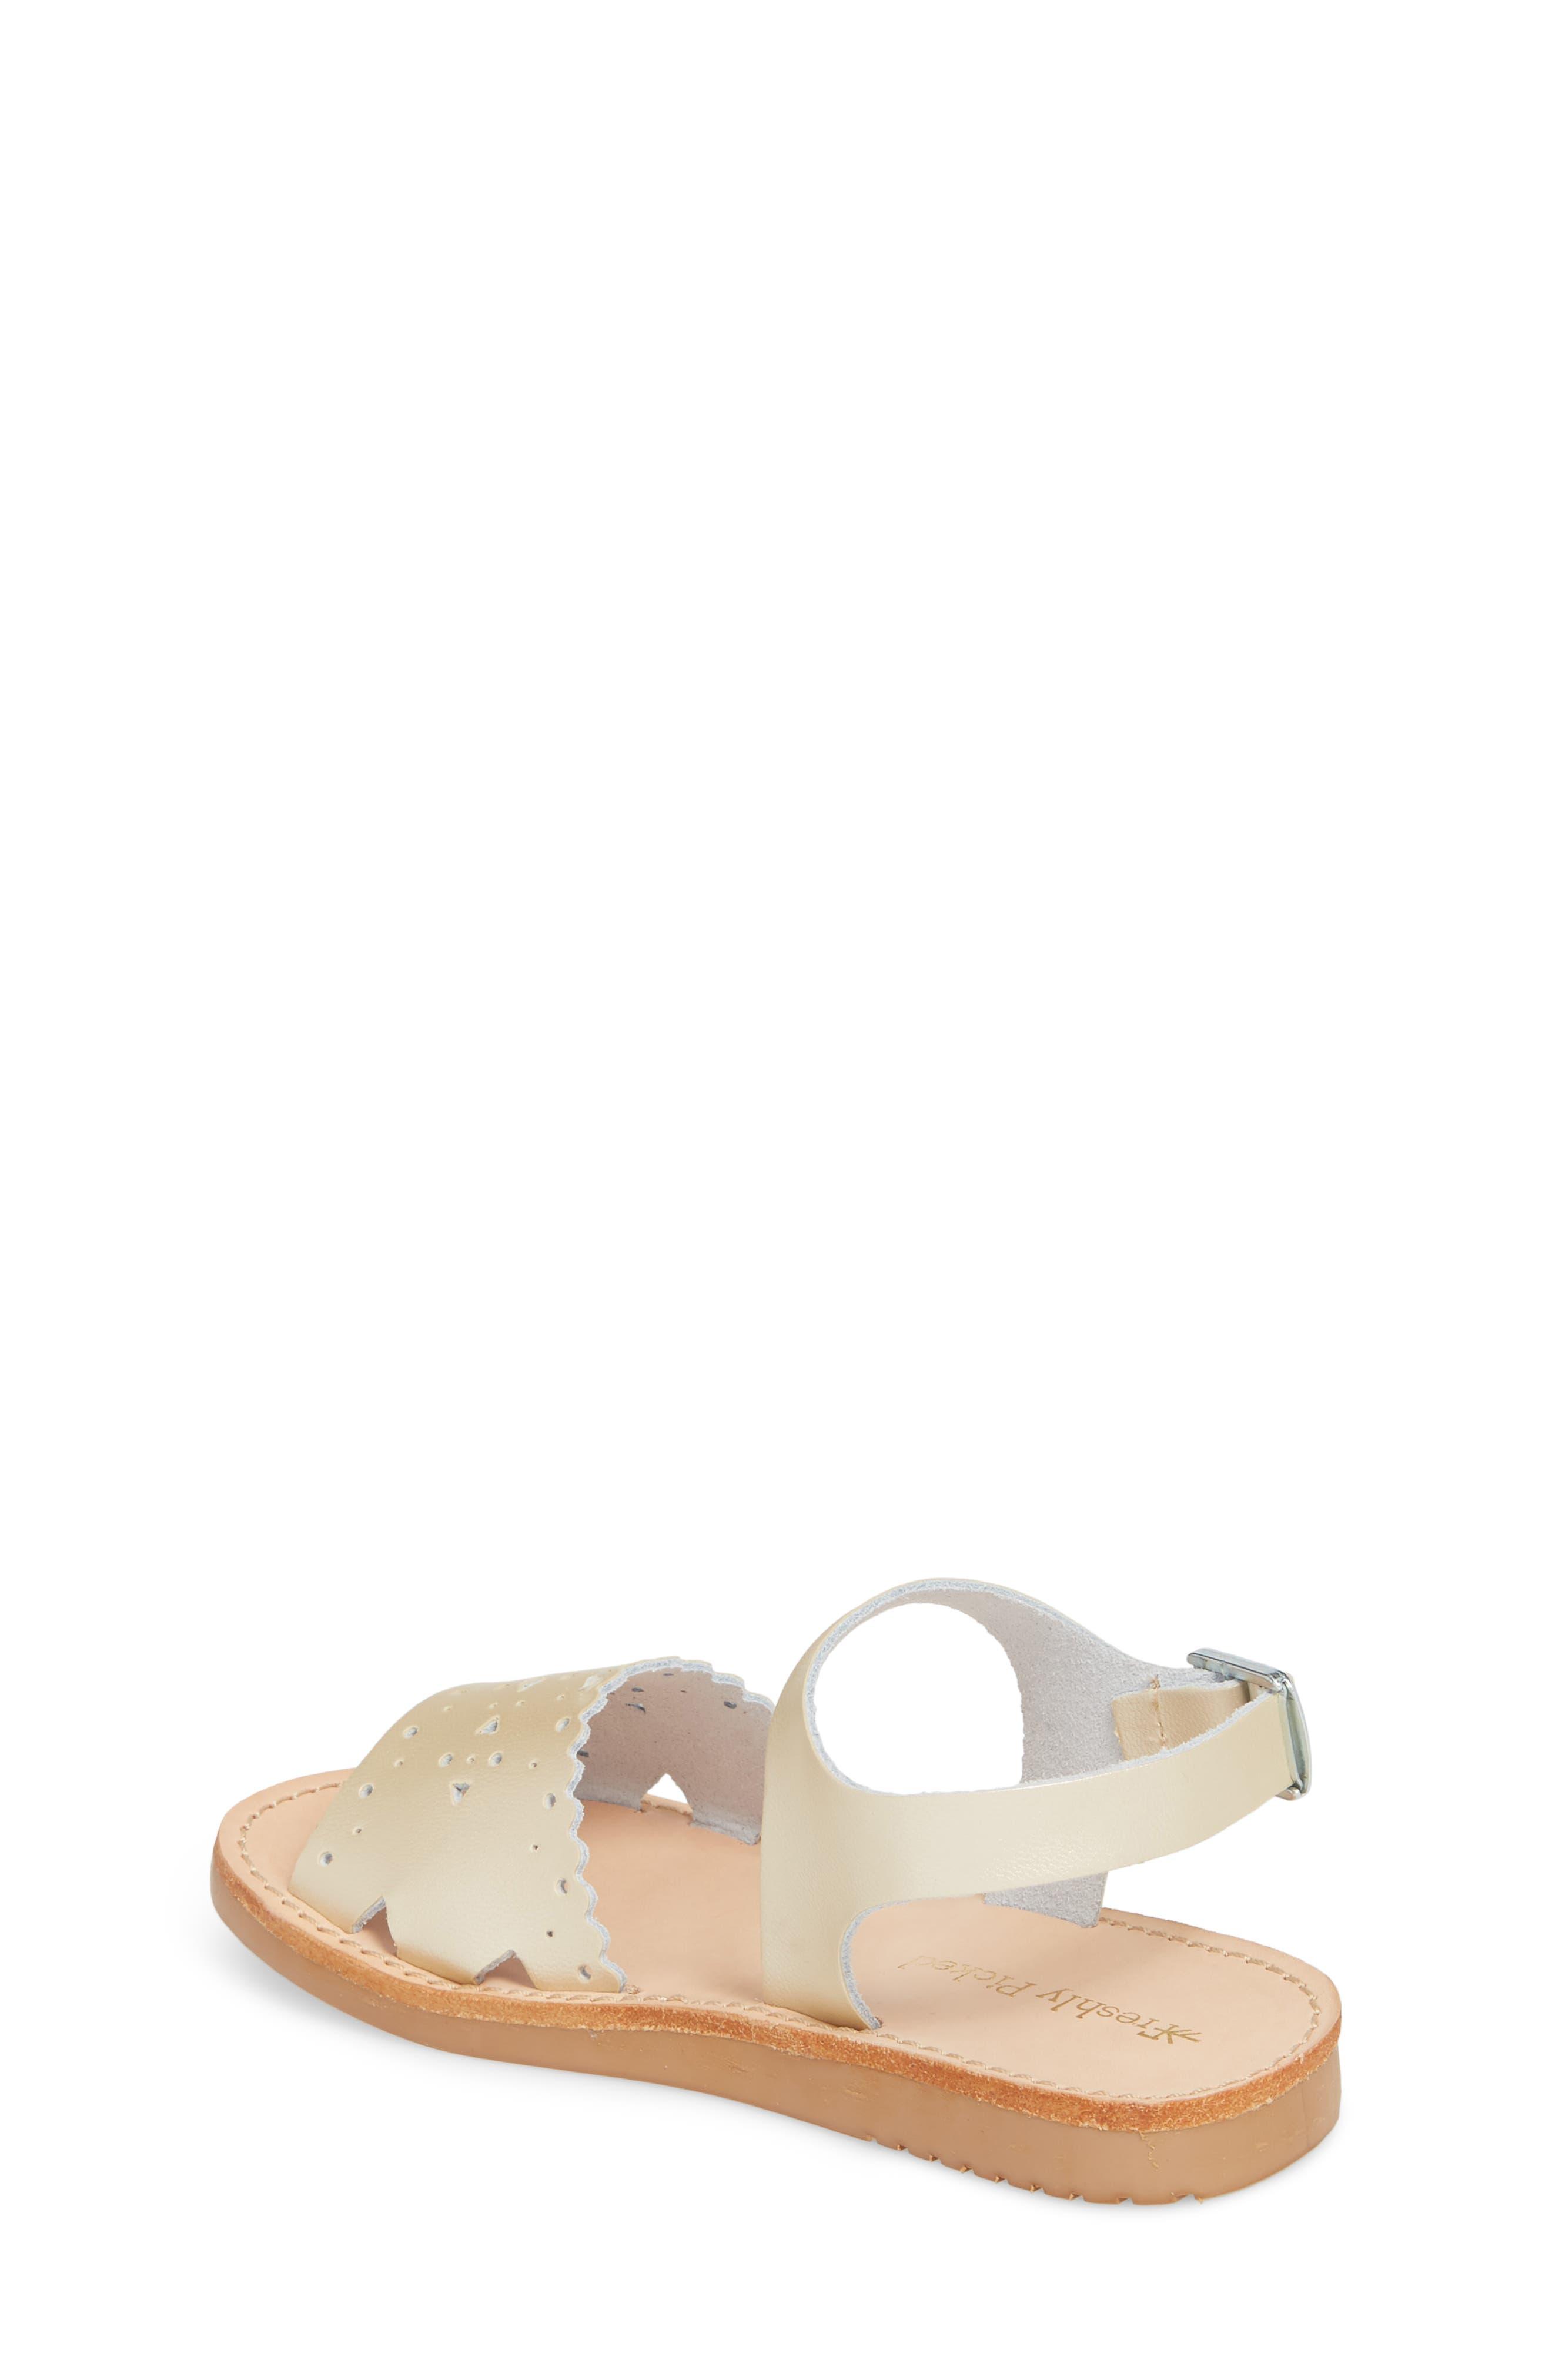 Laguna Water Resistant Perforated Sandal,                             Alternate thumbnail 2, color,                             Platinum